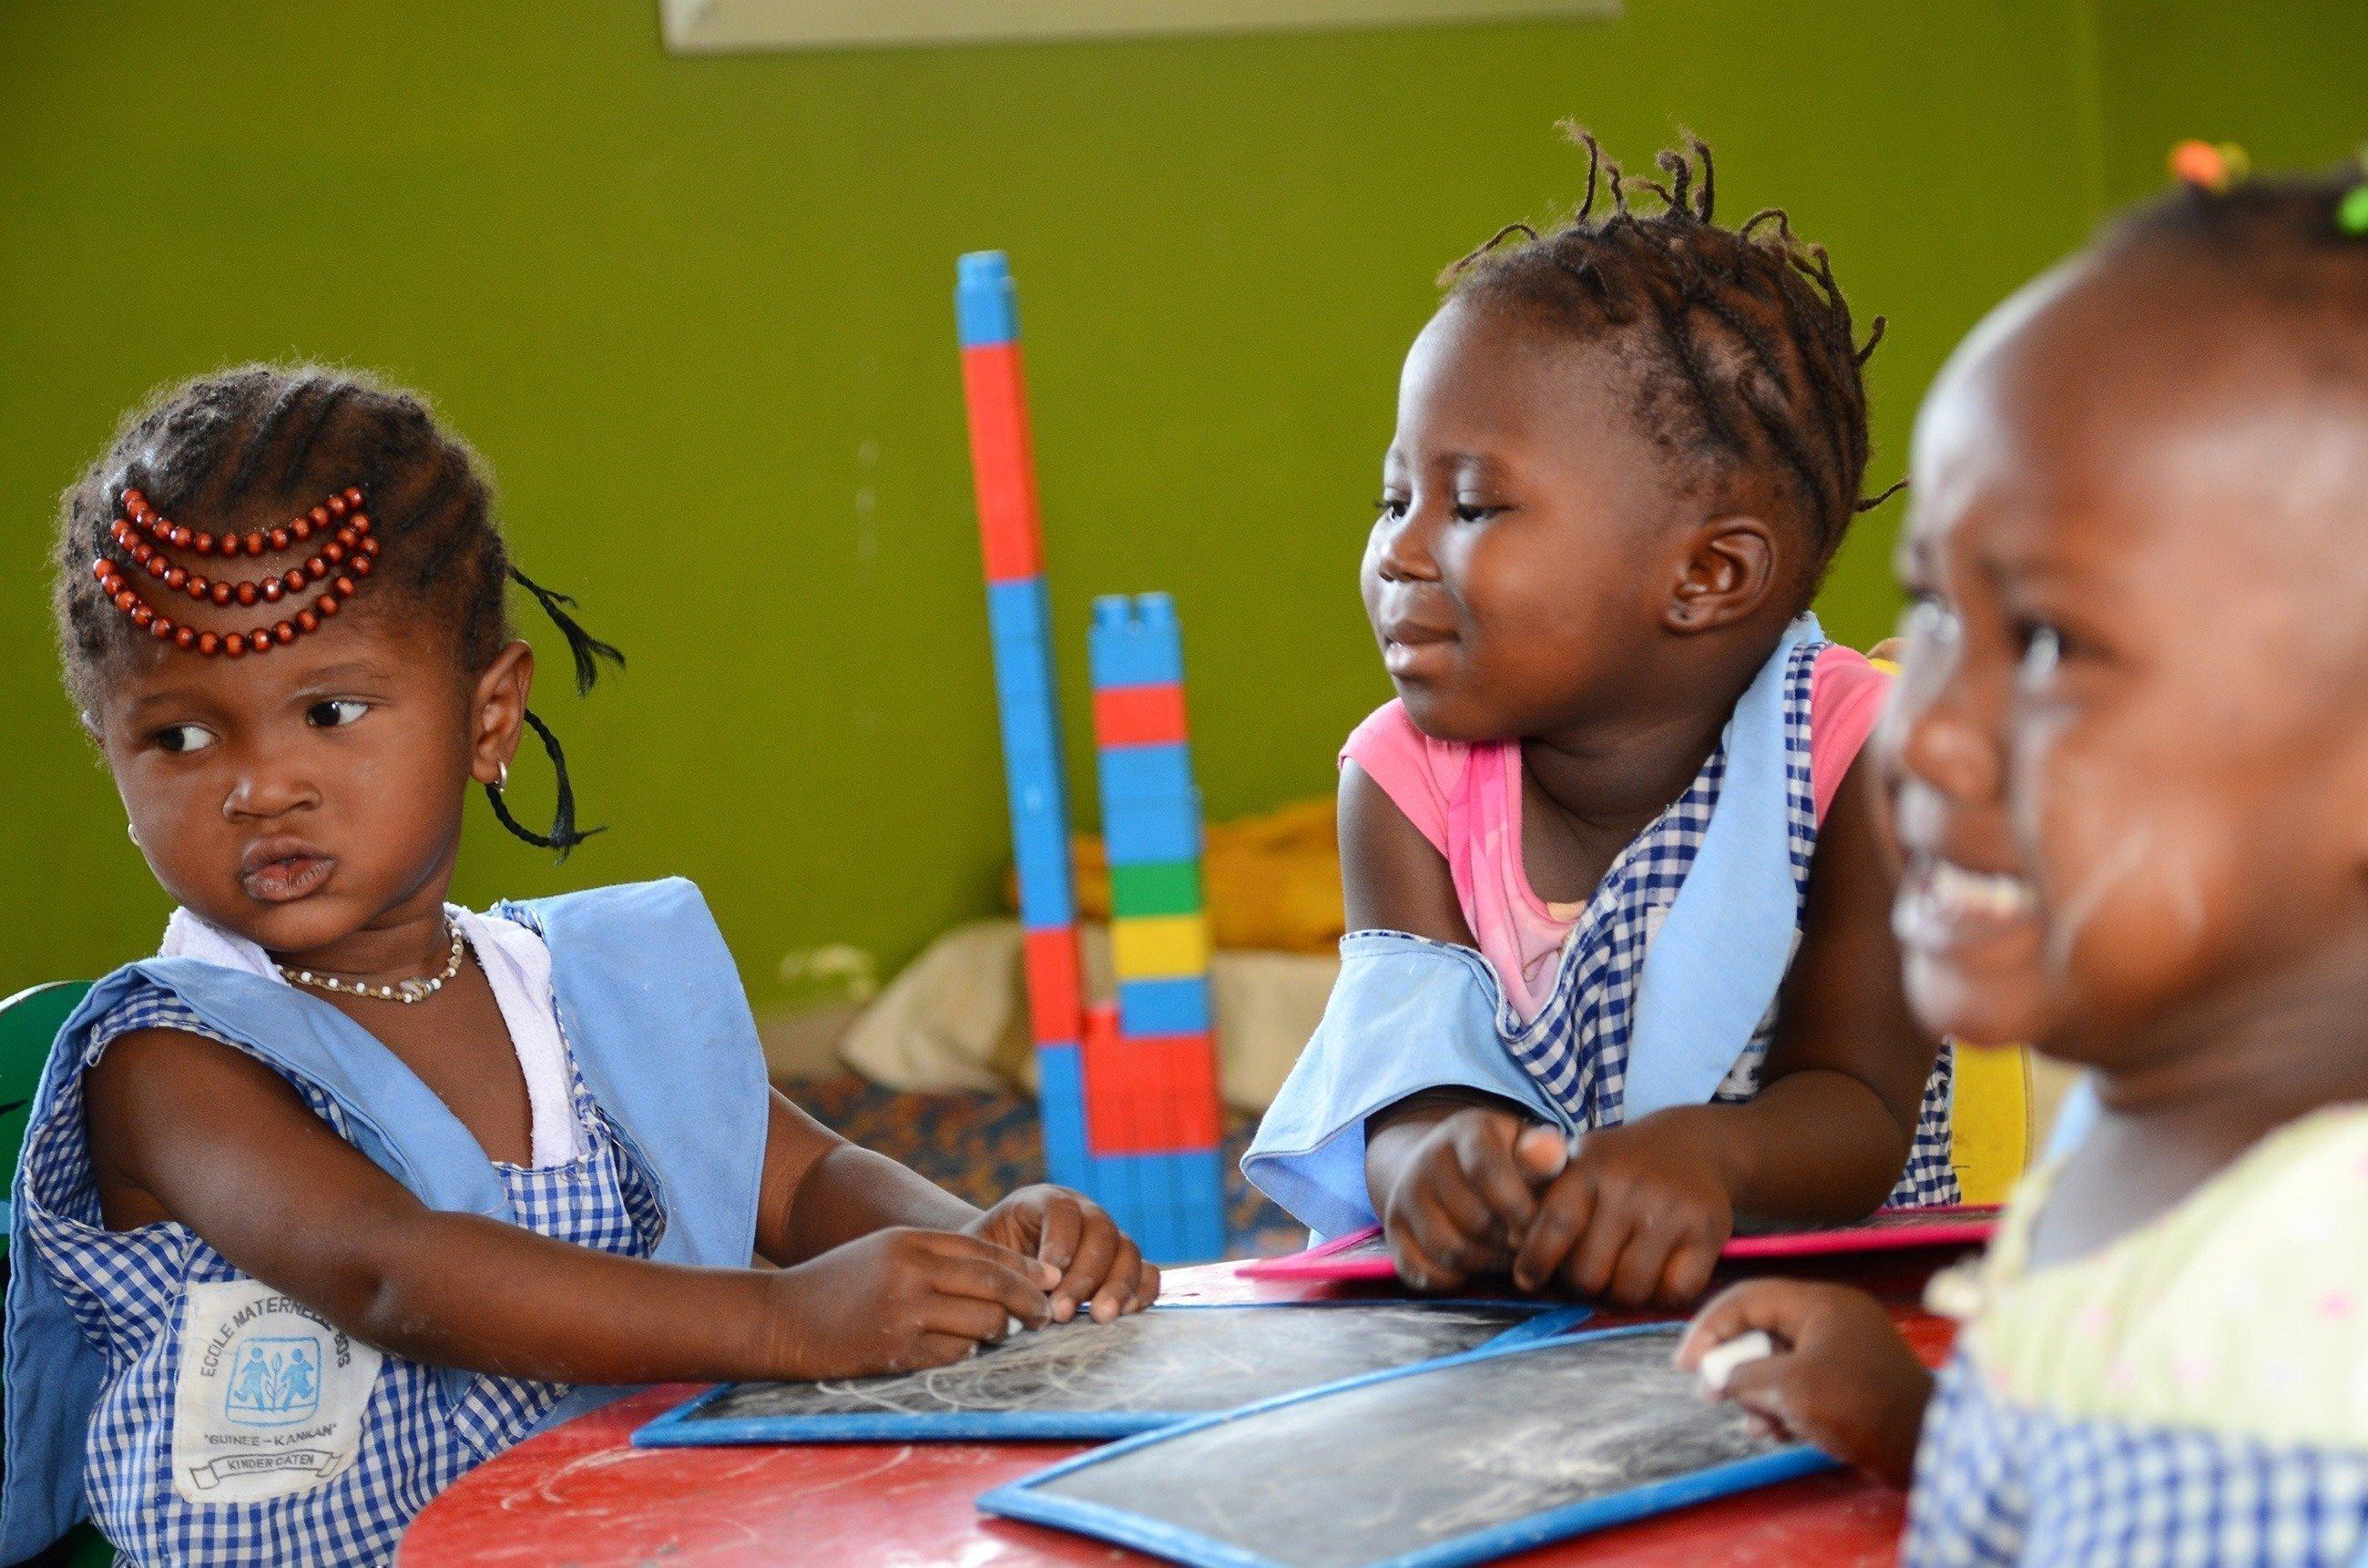 Drei kleine Mädchen sitzen an einem Tisch und spielen.